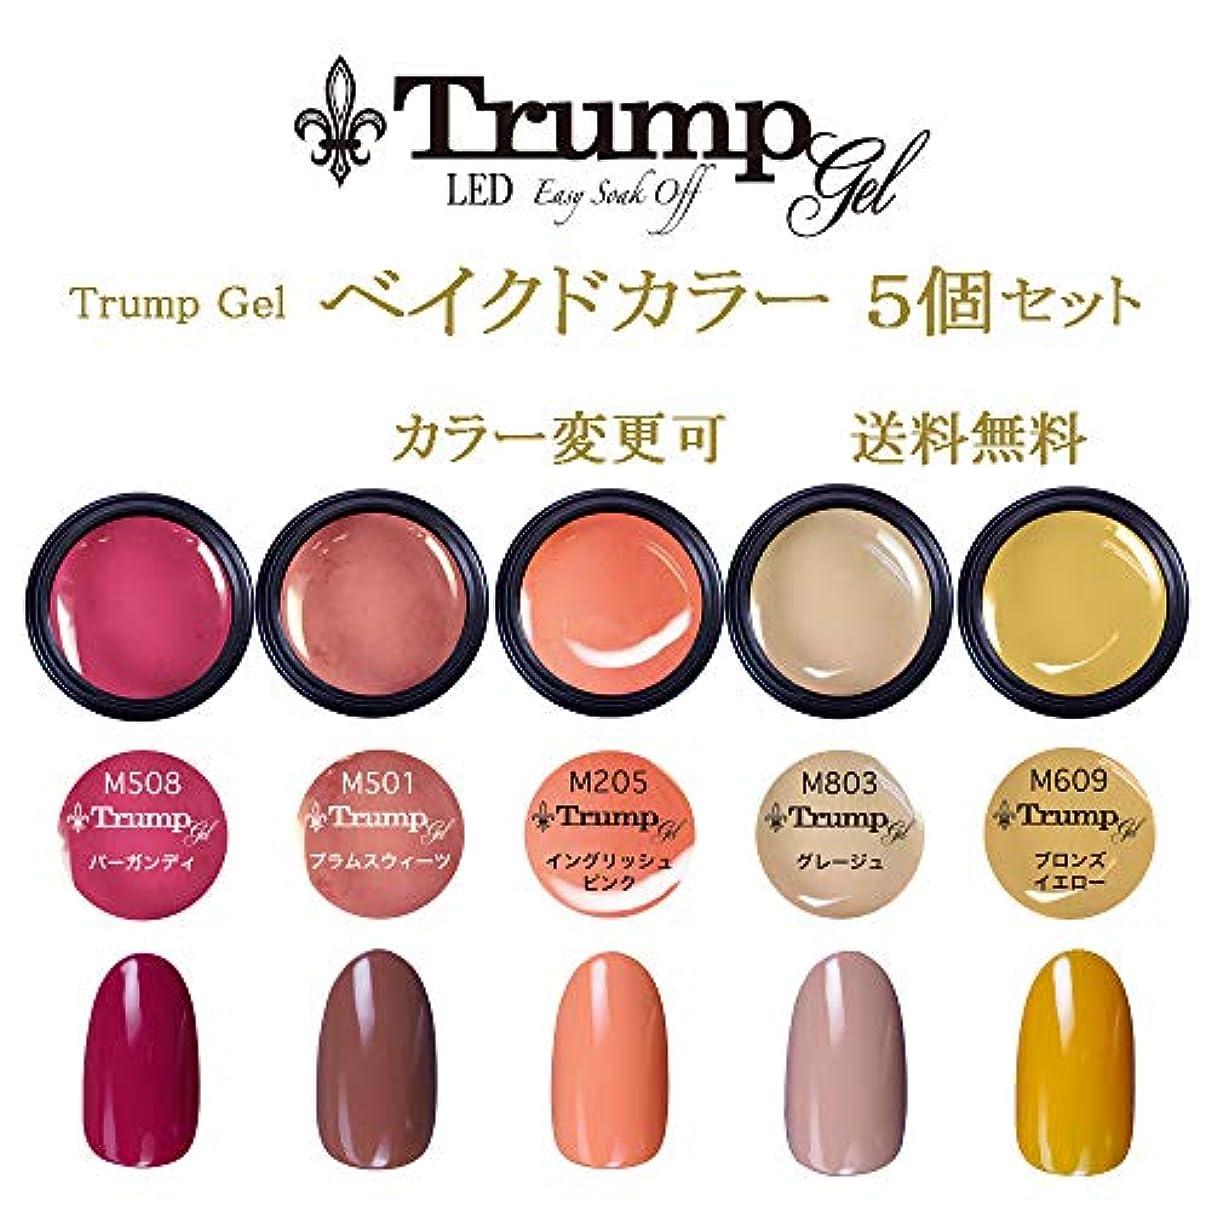 罪悪感イチゴマキシム【送料無料】日本製 Trump gel トランプジェル ベイクドカラー 選べる カラージェル 5個セット ミルキーネイル ベージュ オレンジ カラー